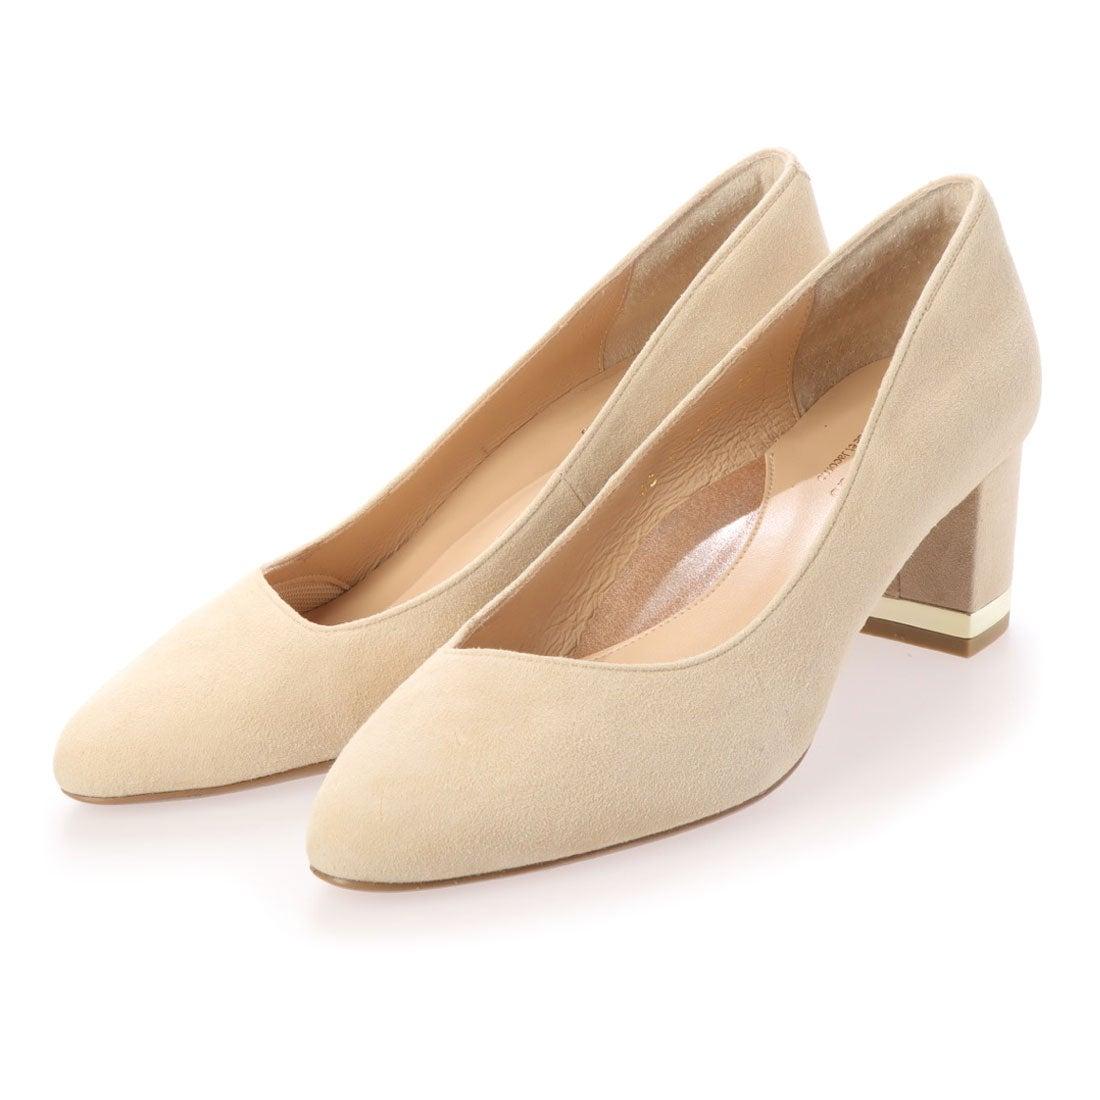 ロコンド 靴とファッションの通販サイトスタイルラボ STYLE lab アシンメトリーカットパンプス(ベージュスエード)